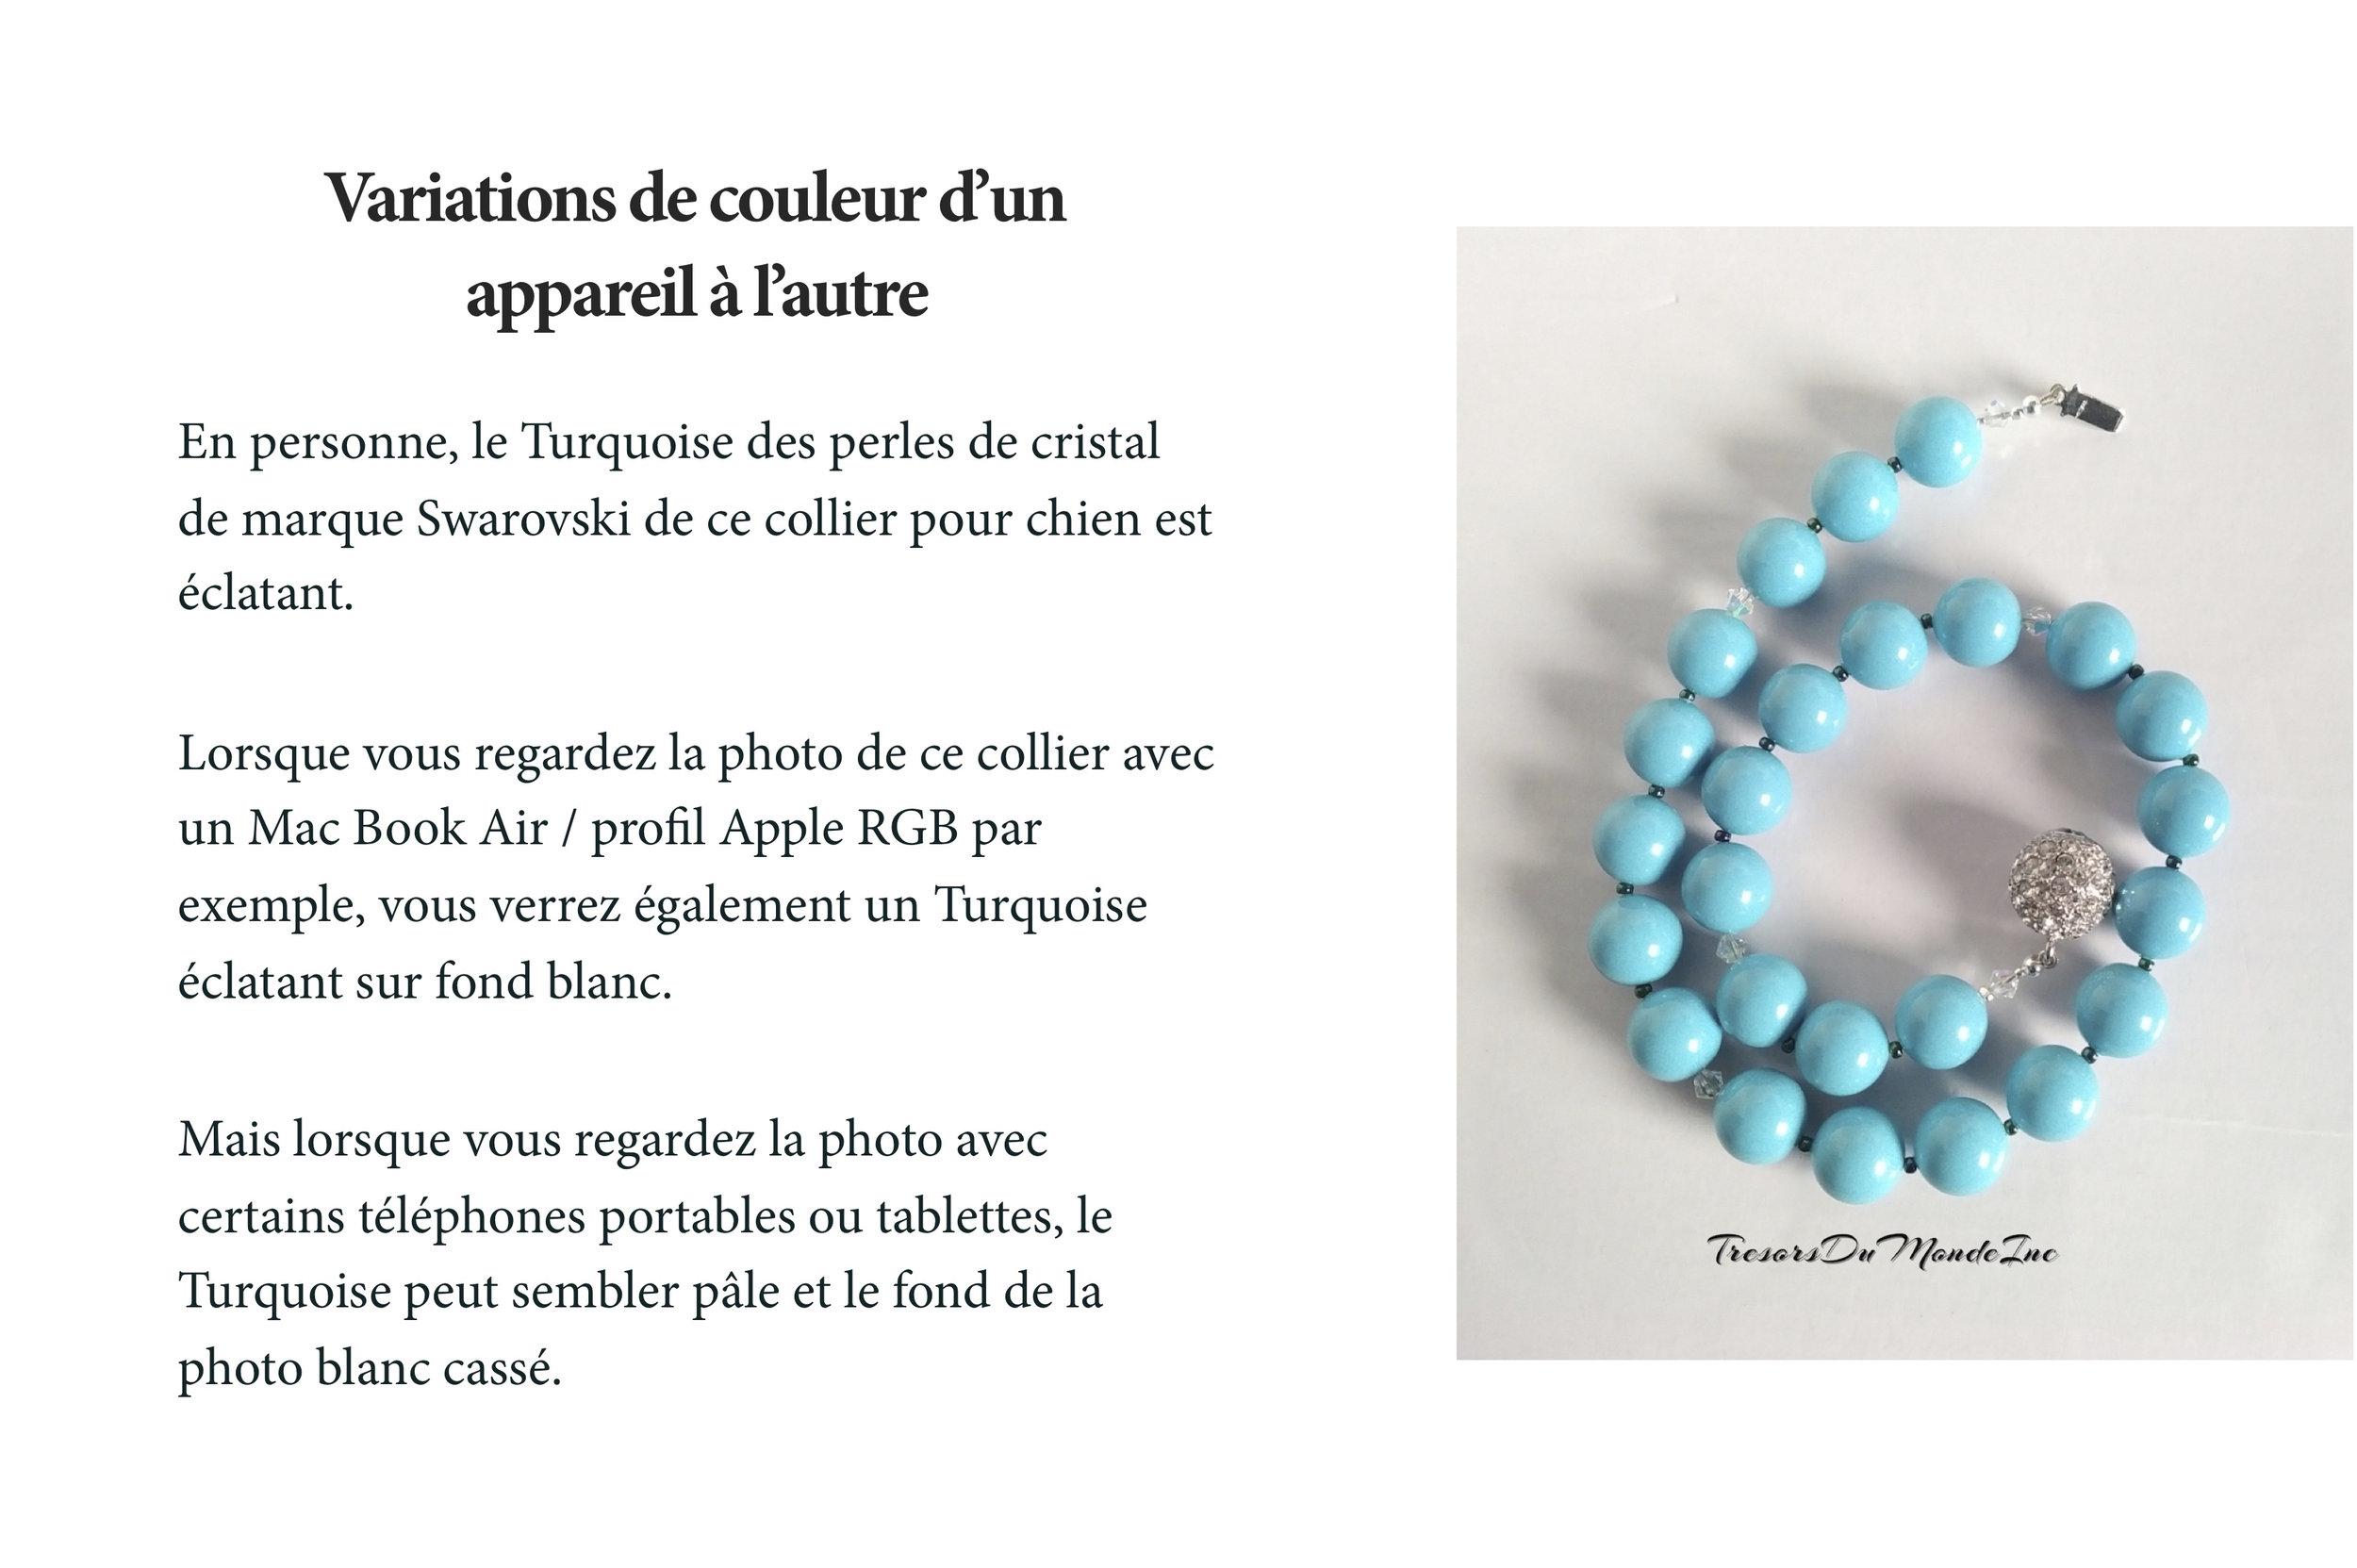 P.S.: Turquoise est le nom de la couleur donné à ces perles de cristal, par Swarovski